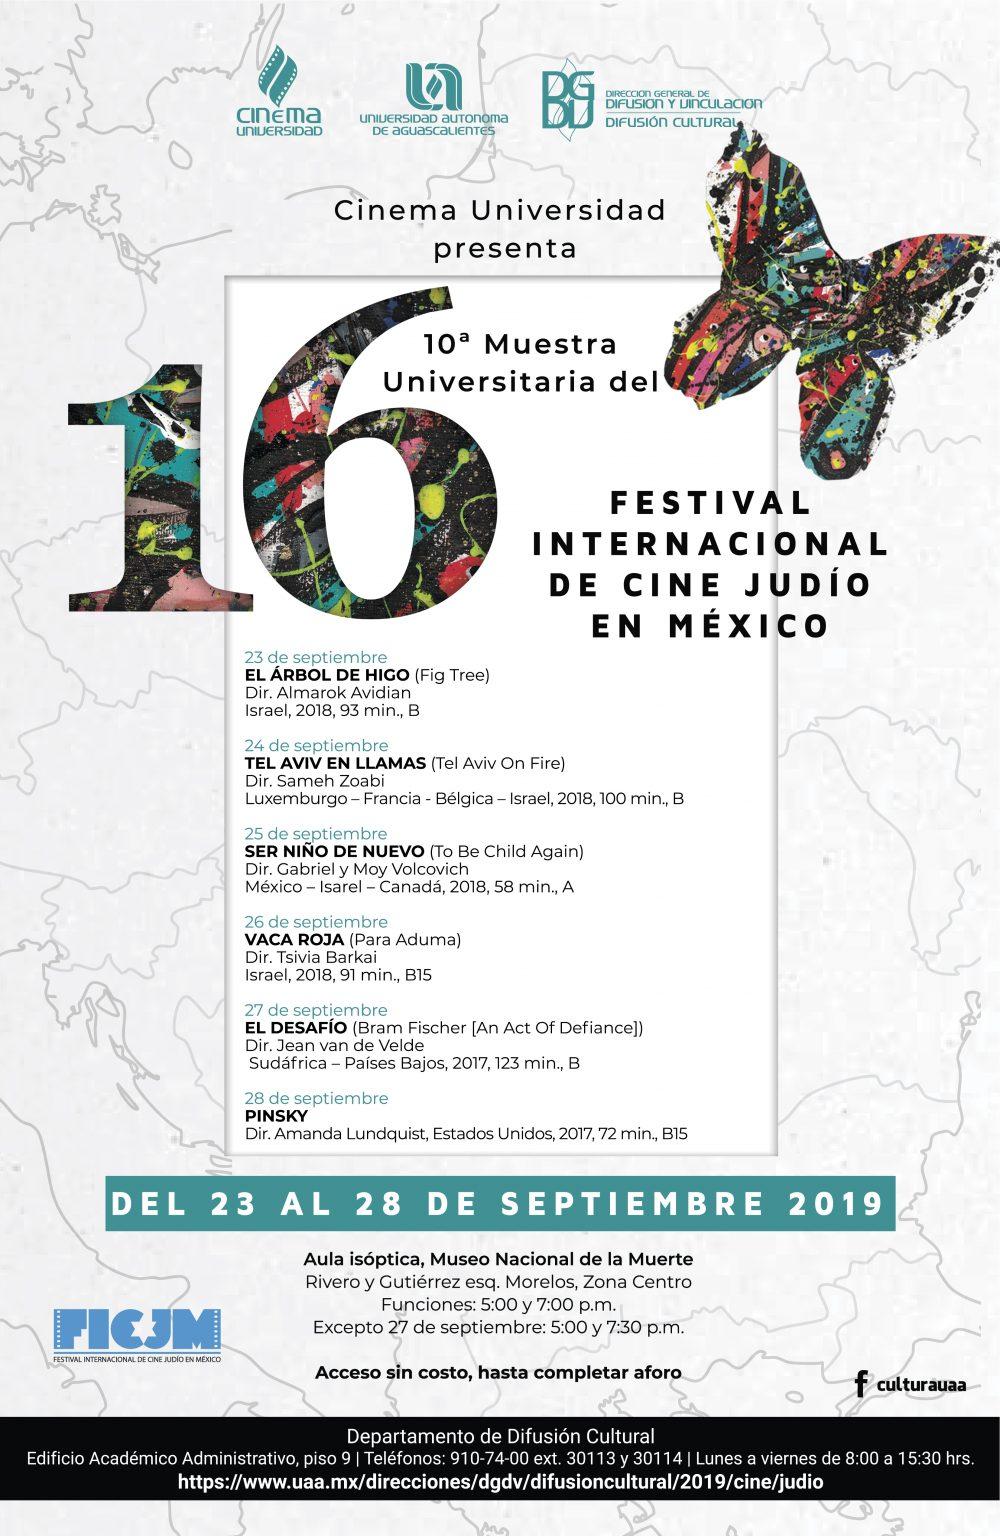 UAA será sede de la 10ª muestra universitaria del Festival Internacional de Cine Judío en México